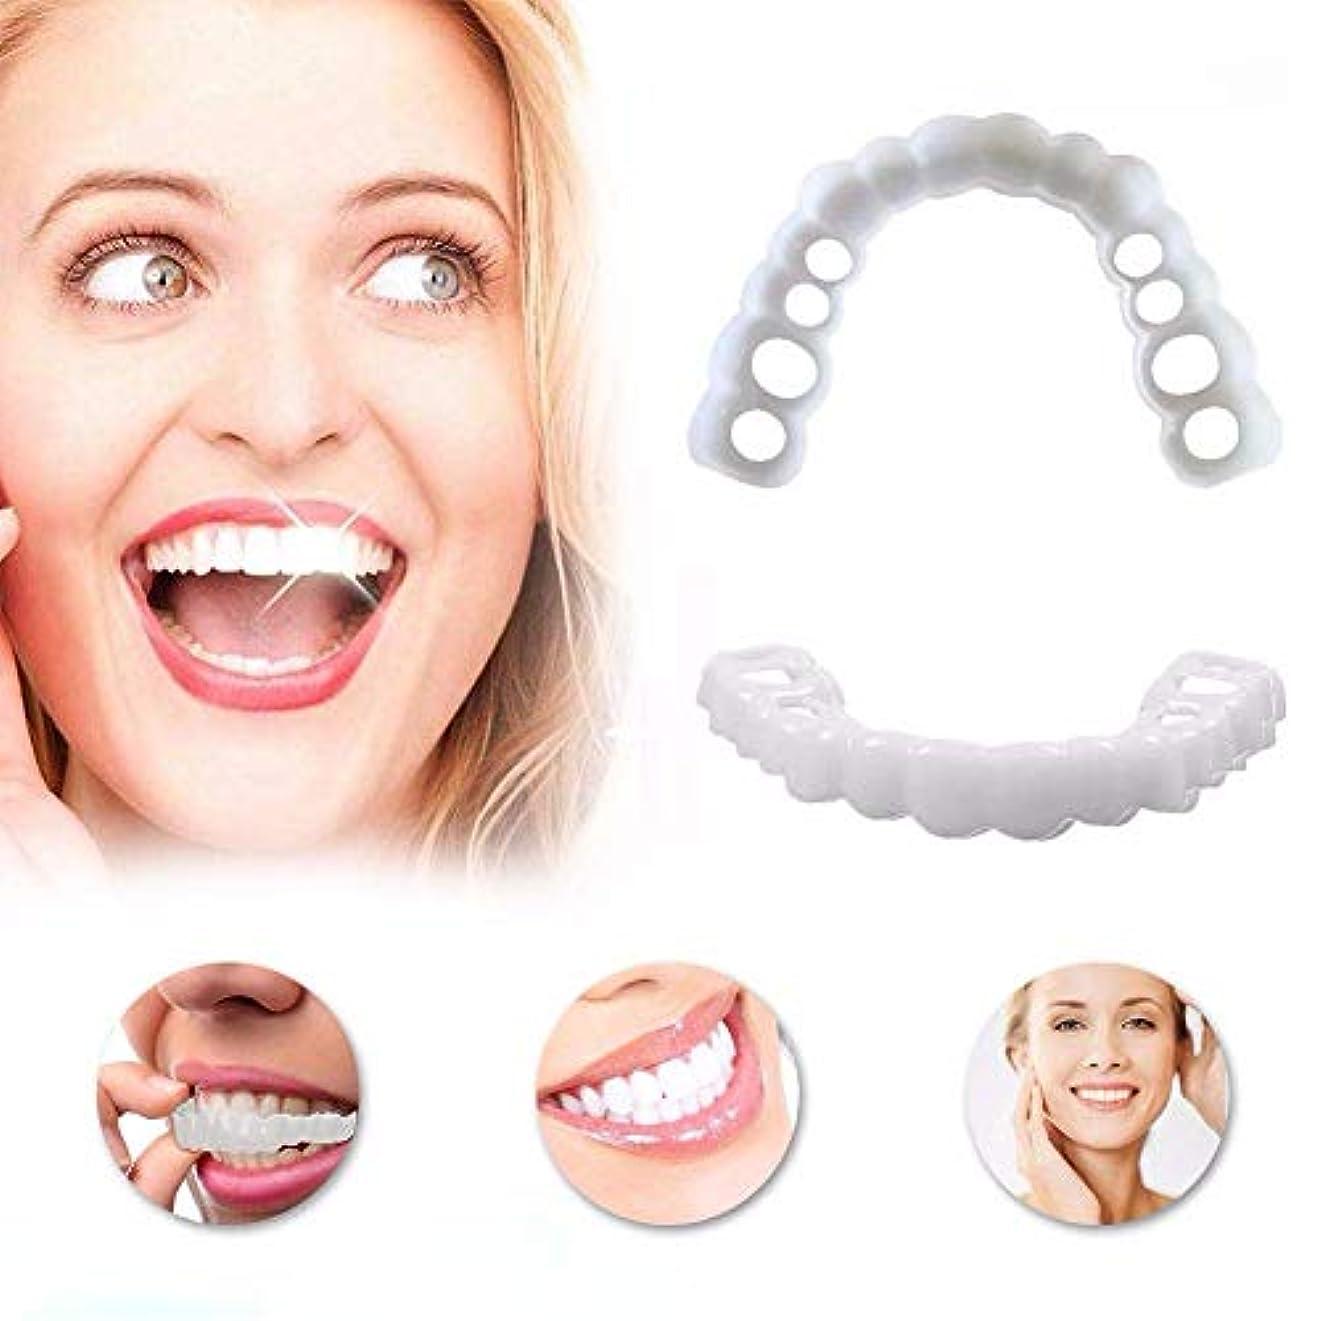 歯痛腫瘍トーナメントホワイトニングティースカバーインスタントパーフェクトスマイルコンフォートフィットフレックスティースベニア